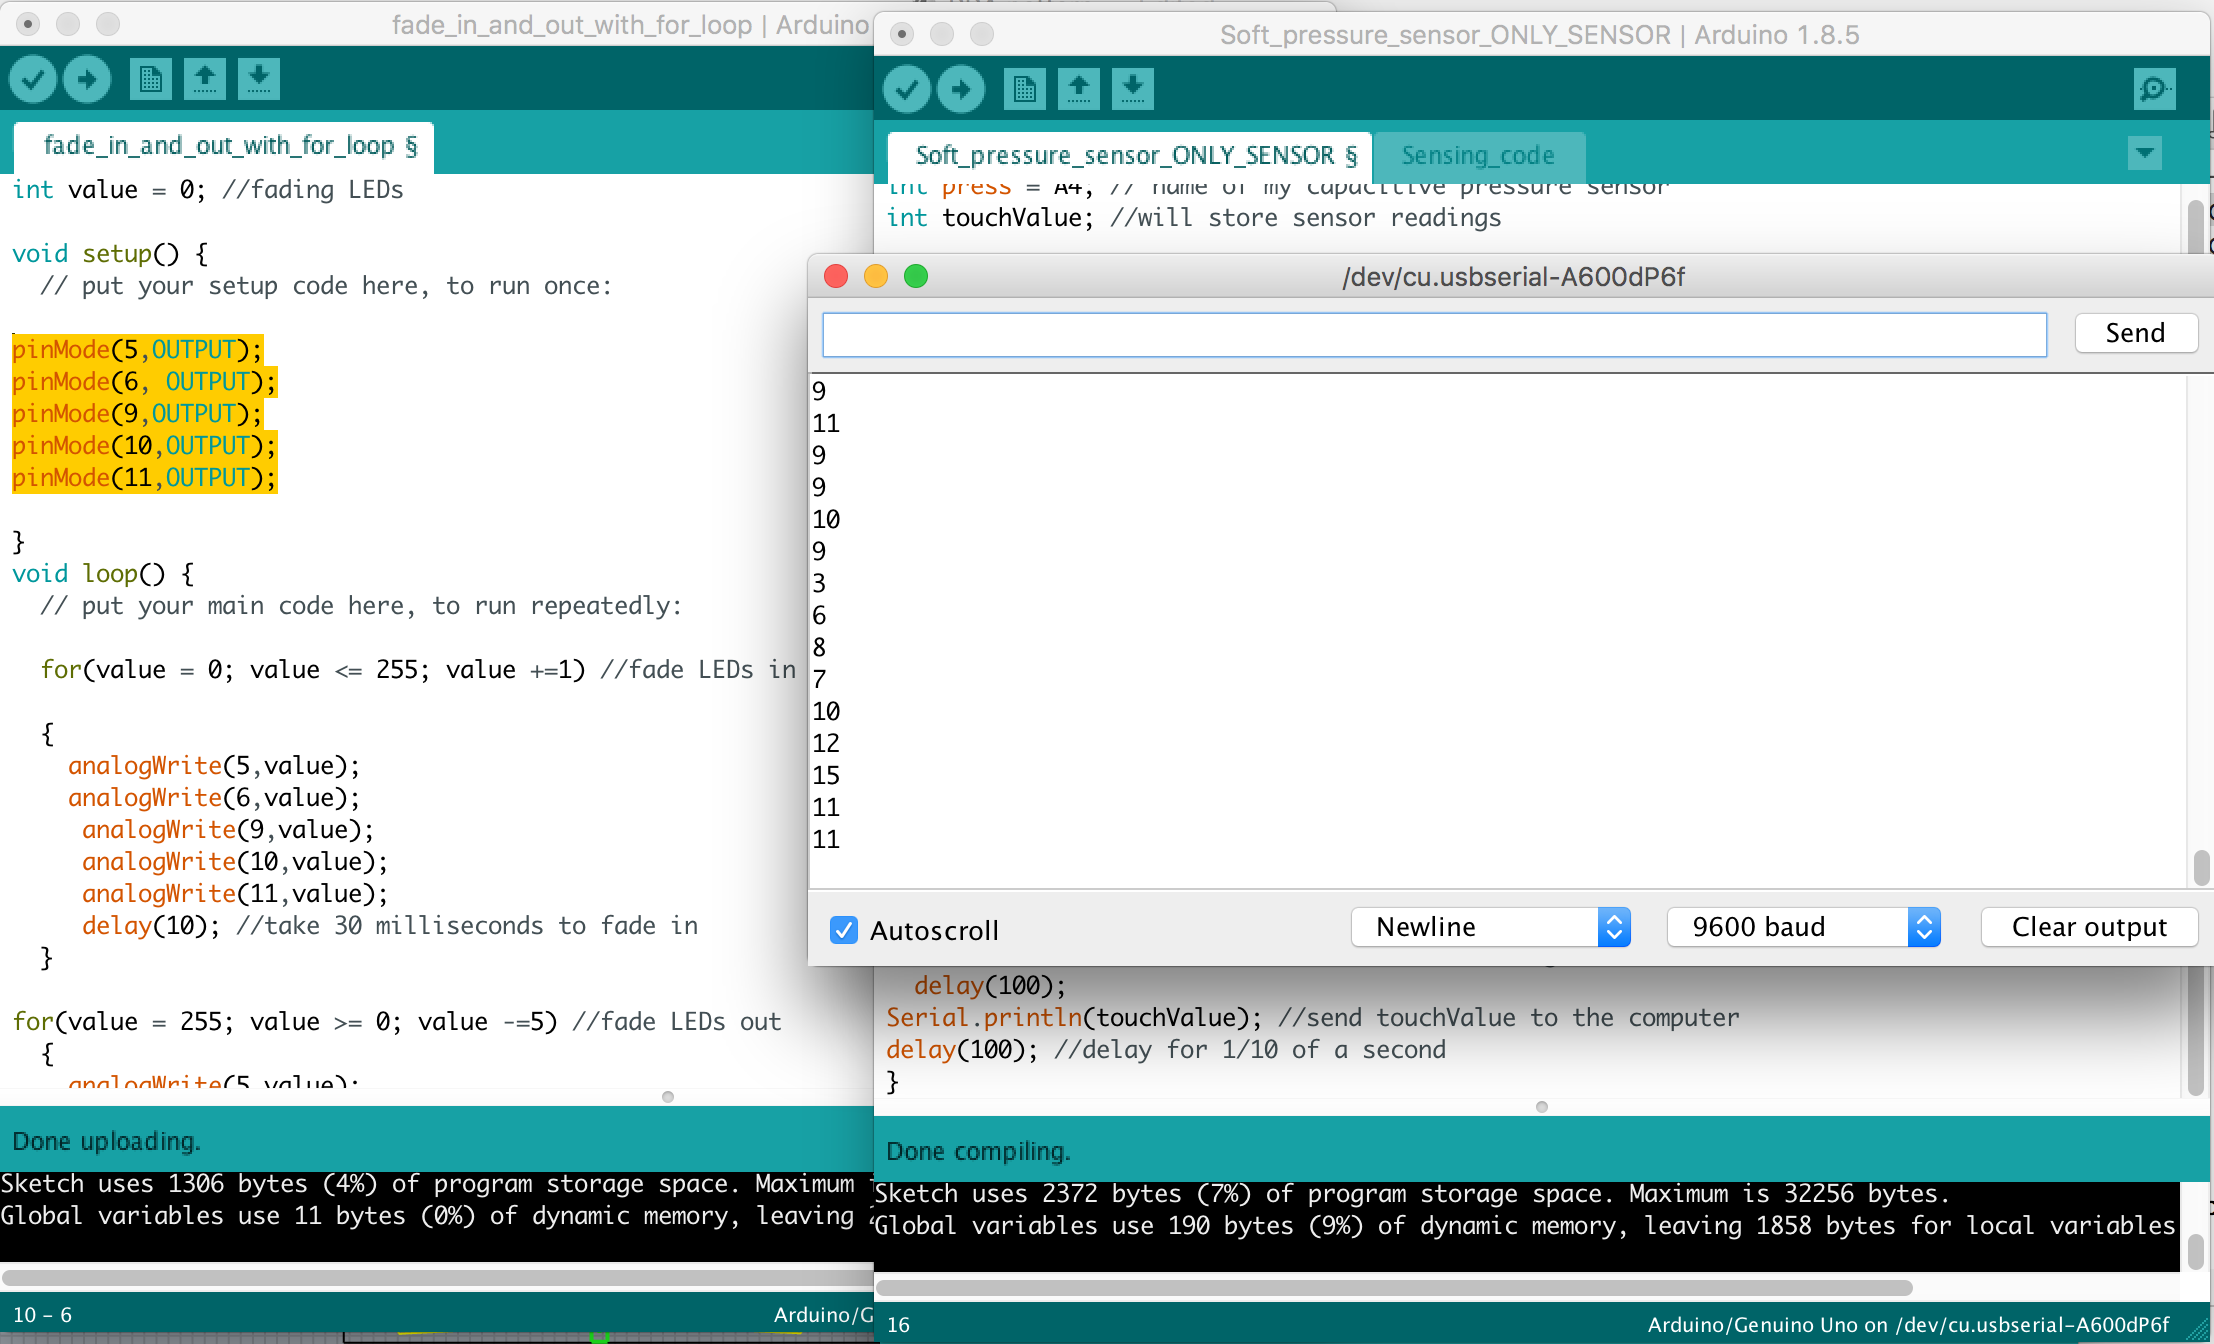 W9_Pressure sensor screenshot.png